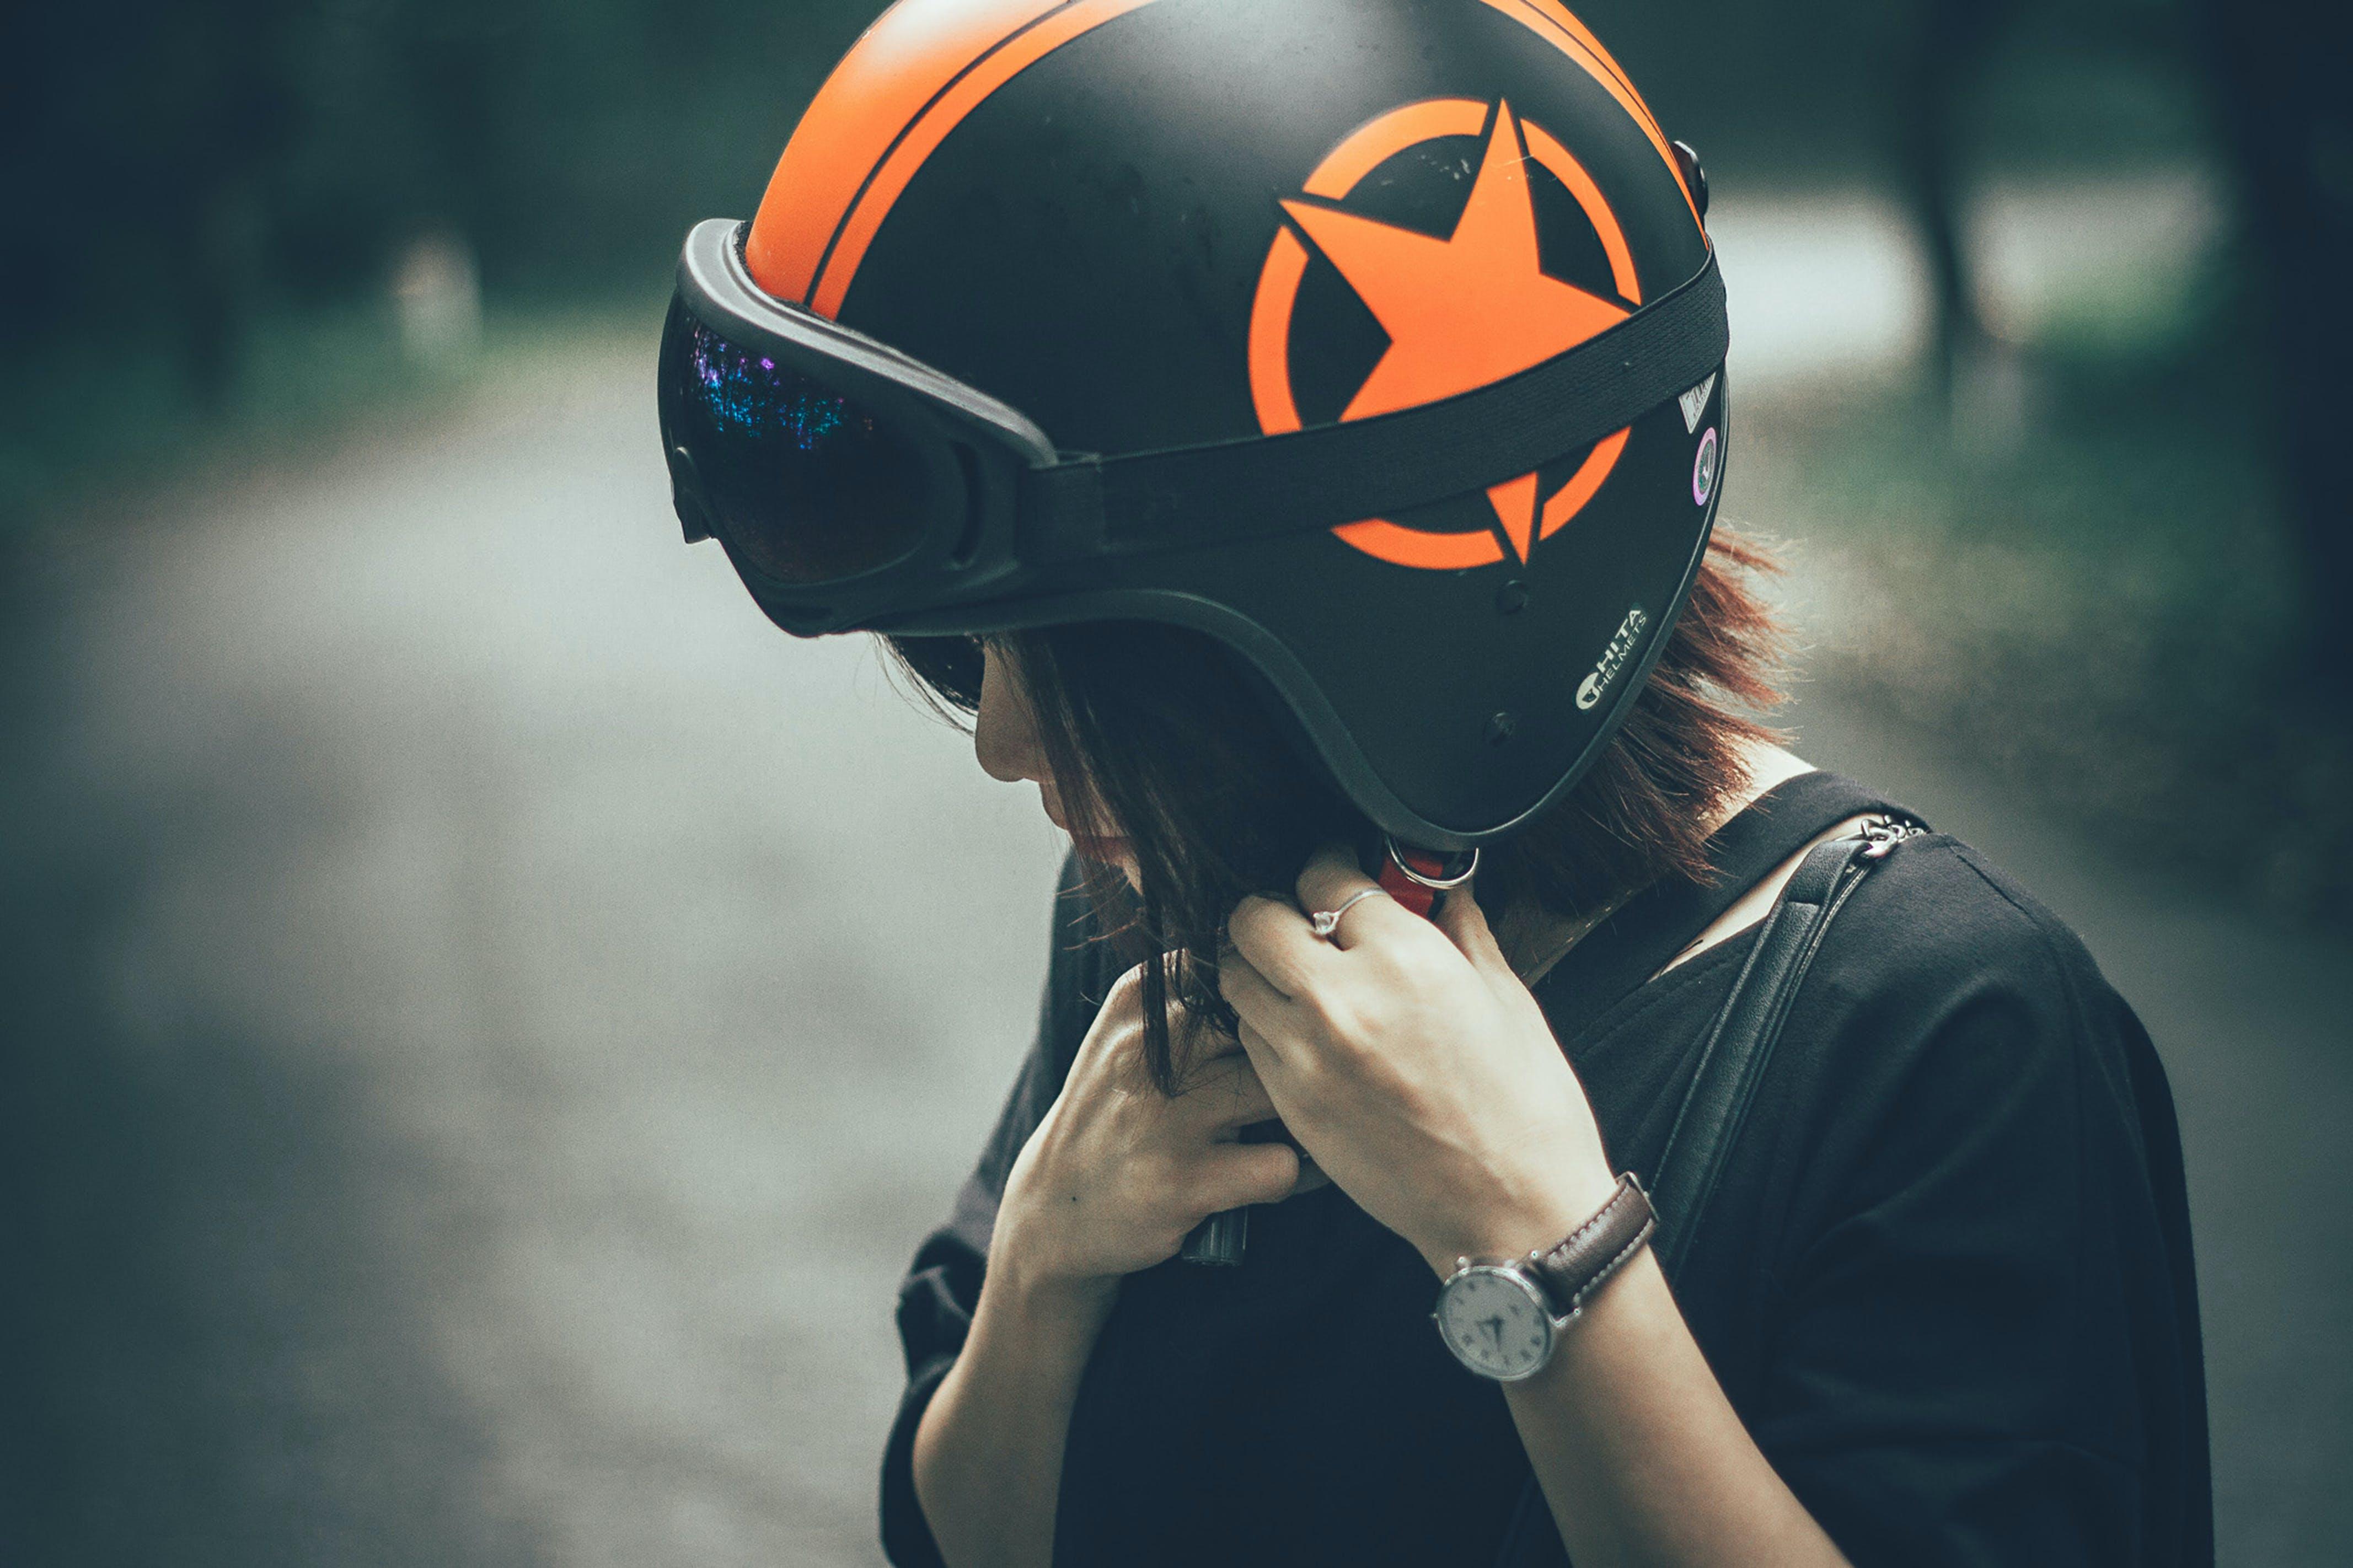 Woman on Black and Orange Half-face Helmet